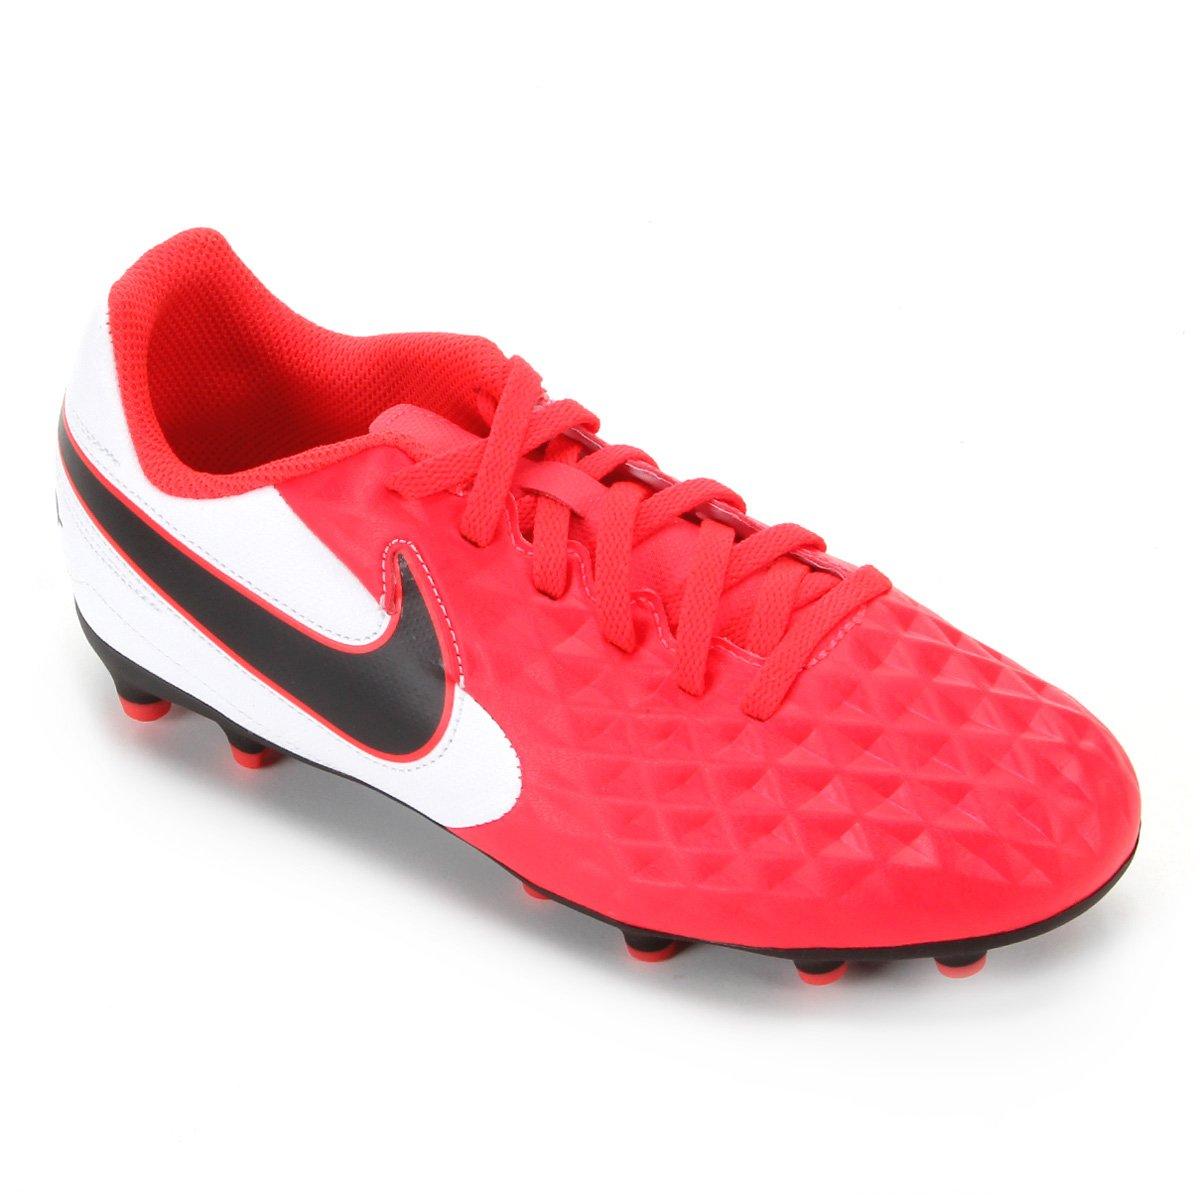 disponibilidad en el reino unido mejor sitio web imágenes oficiales Chuteira Campo Juvenil Nike Tiempo Legend 8 Club FG/MG - Vermelho ...